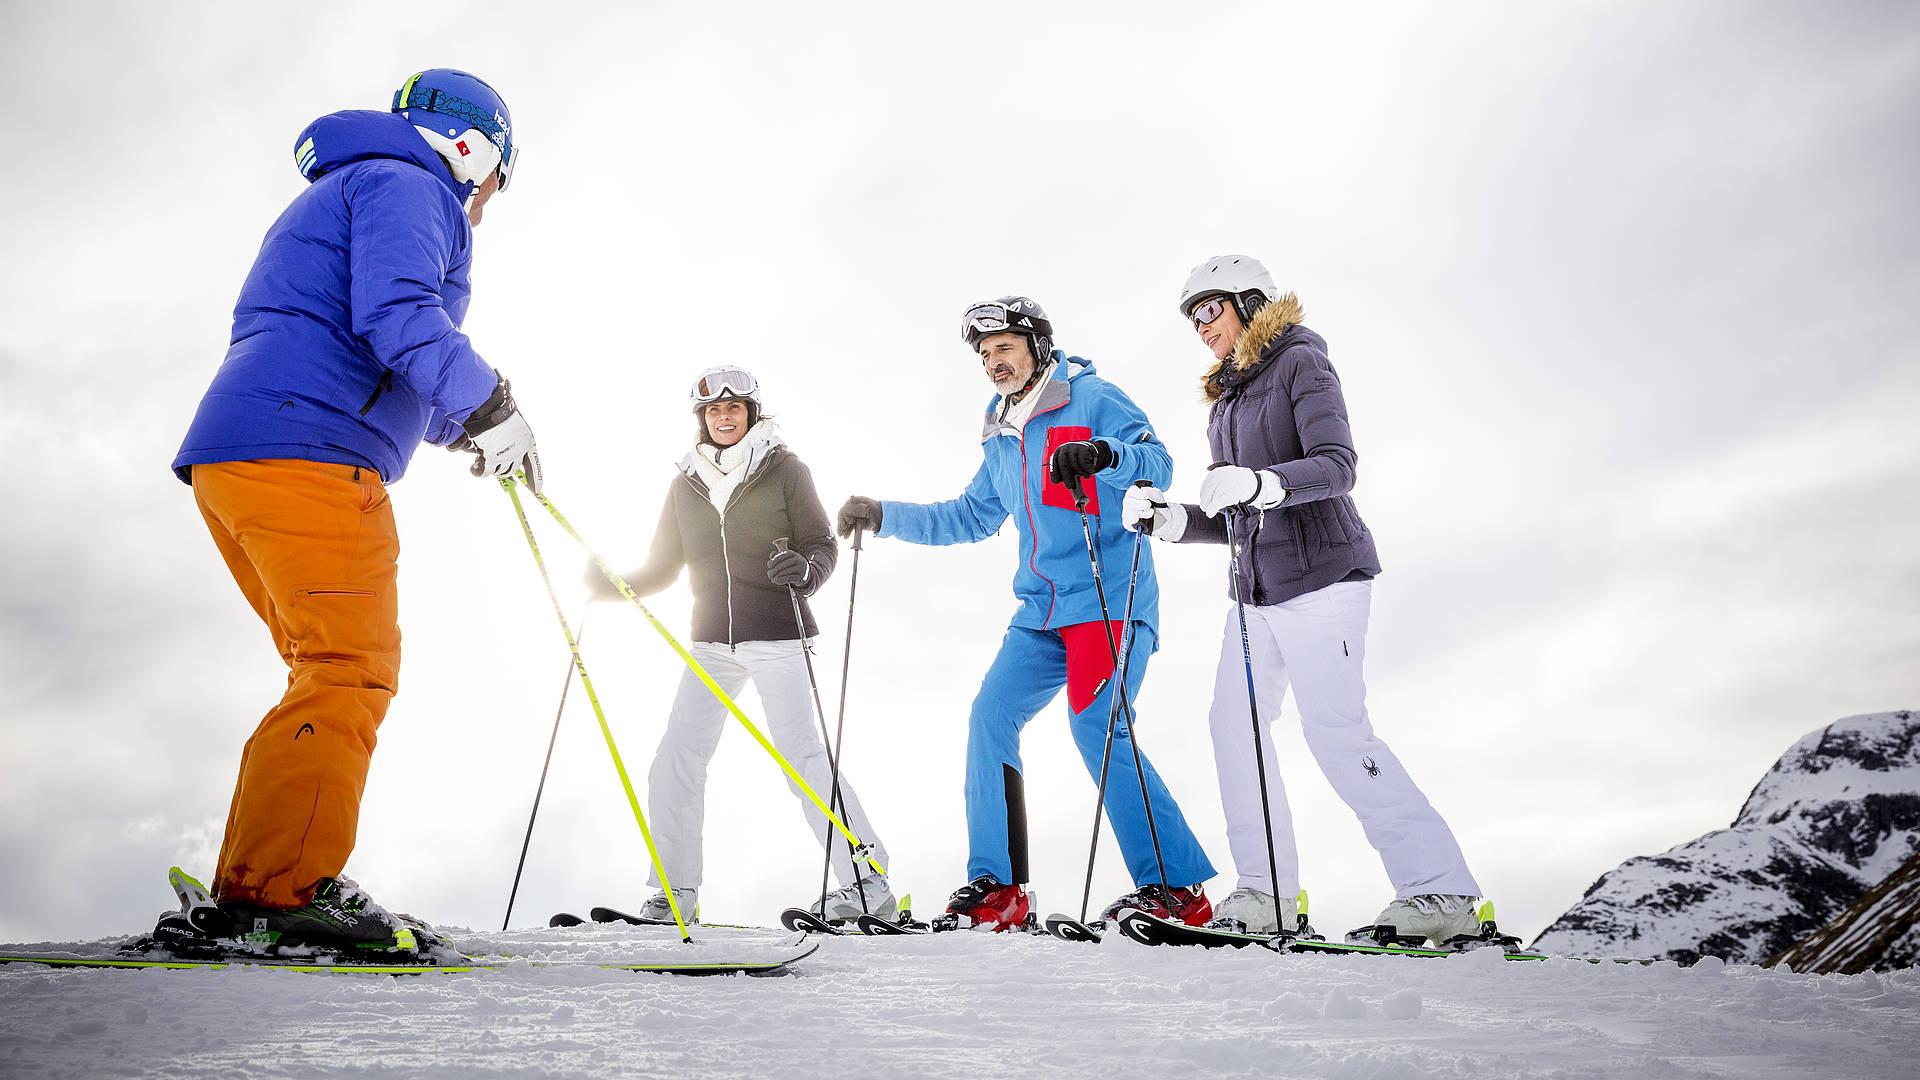 Bei deinem Skikurs lernst du direkt neue Leute kennen.